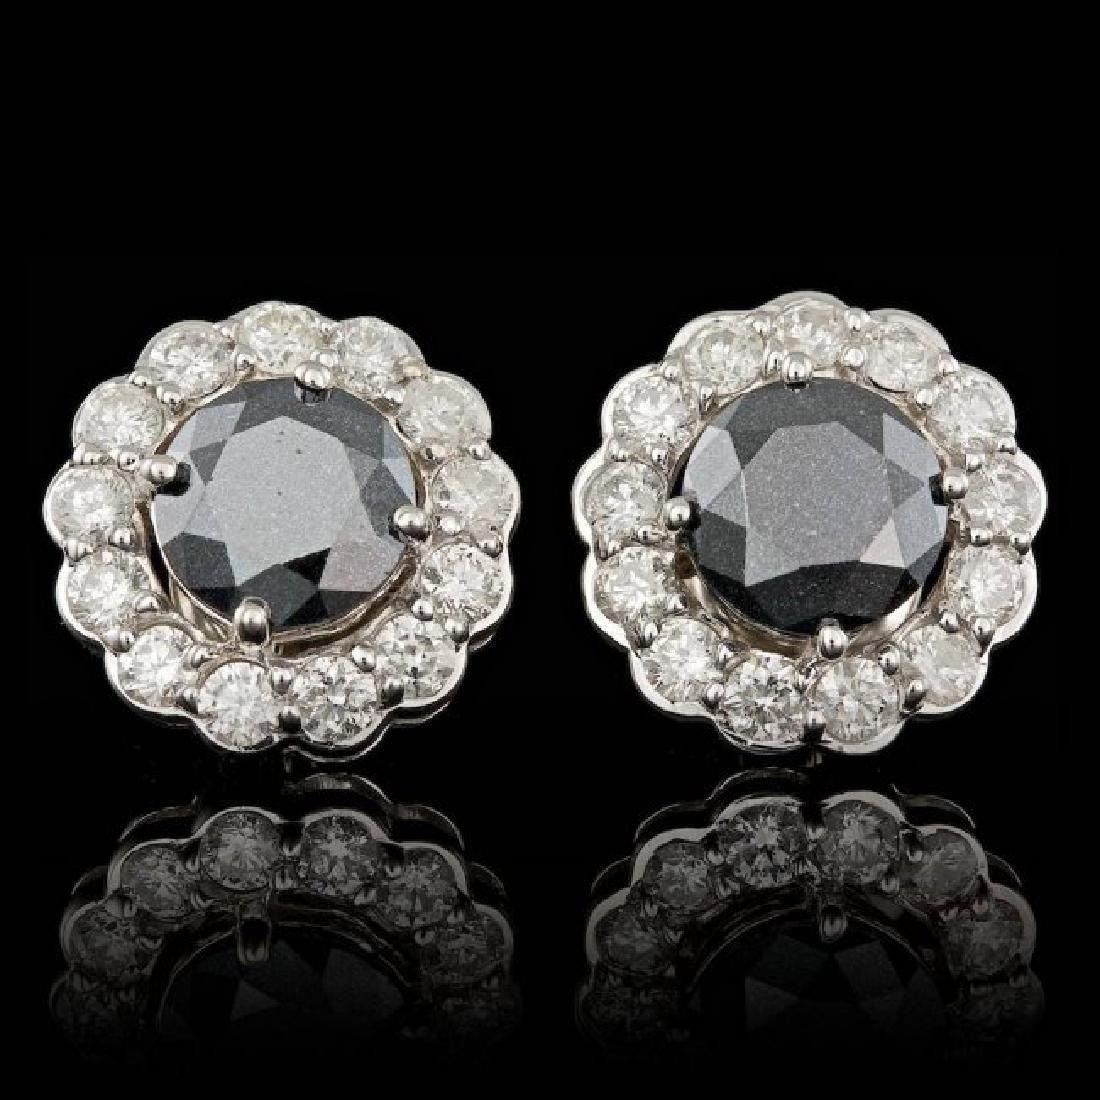 14k White Gold 6ct Diamond Earrings